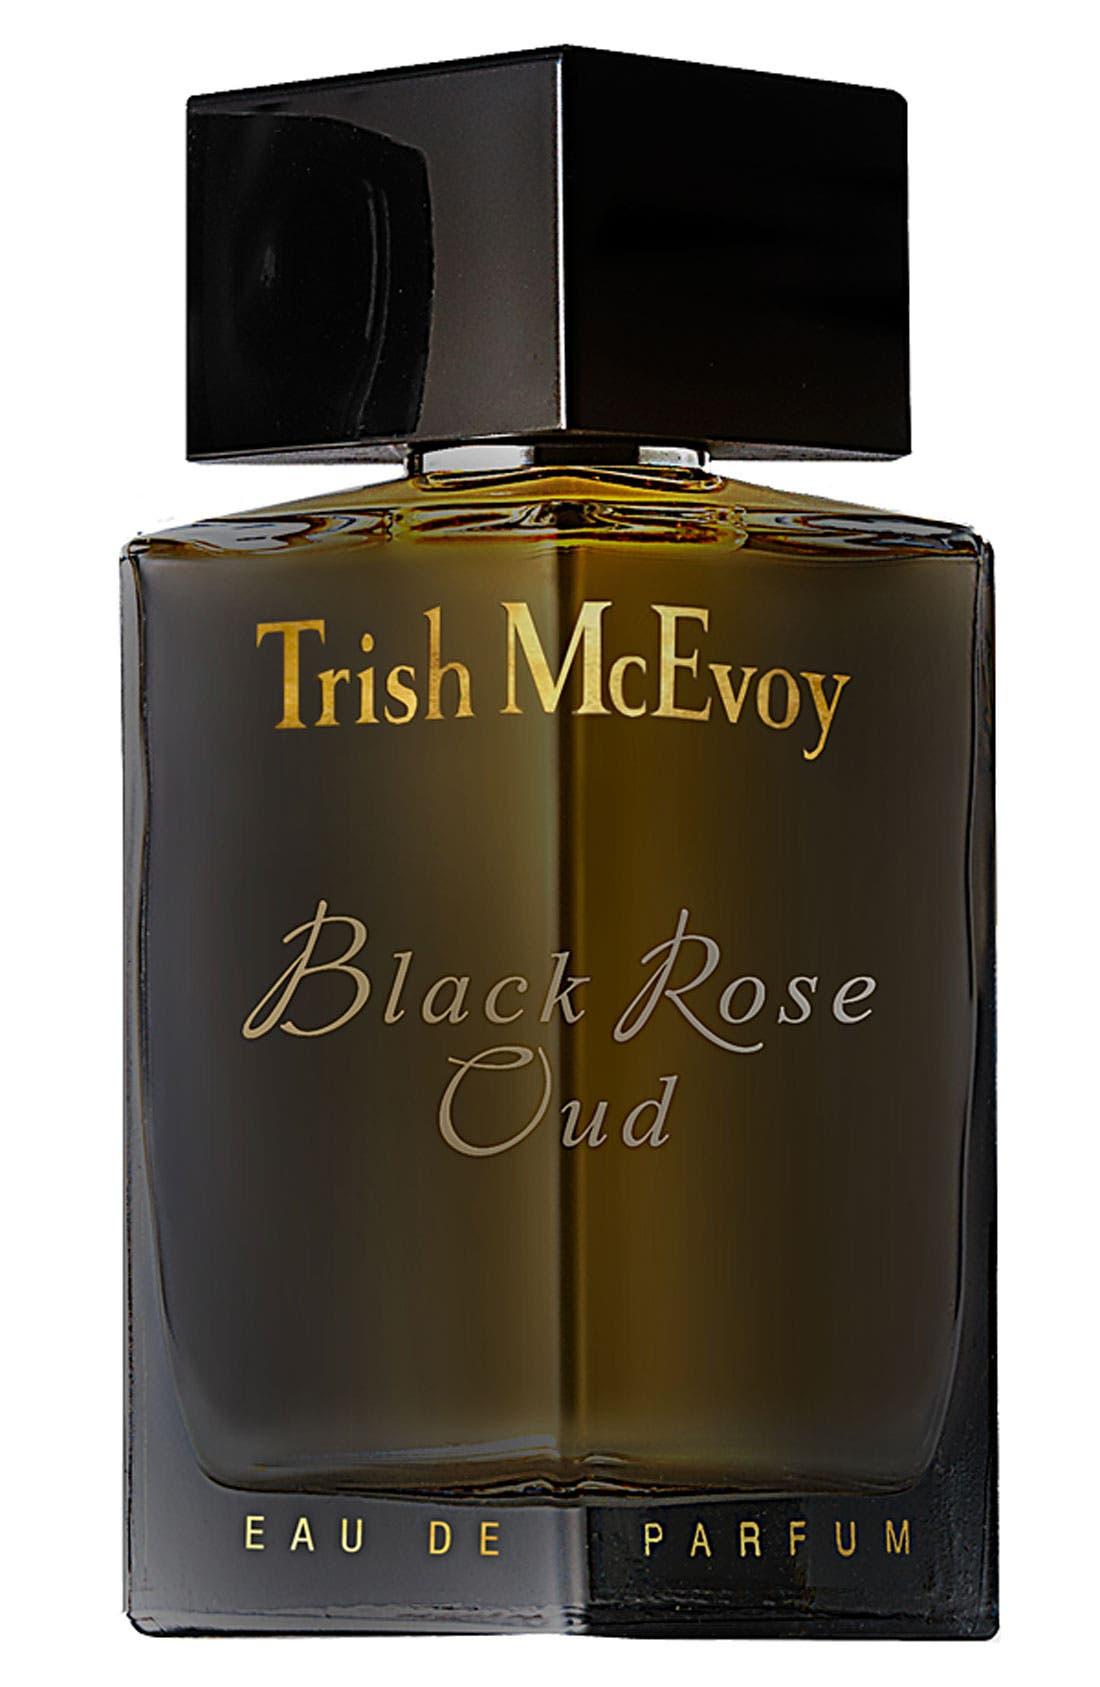 Trish McEvoy 'Black Rose Oud' Eau de Parfum